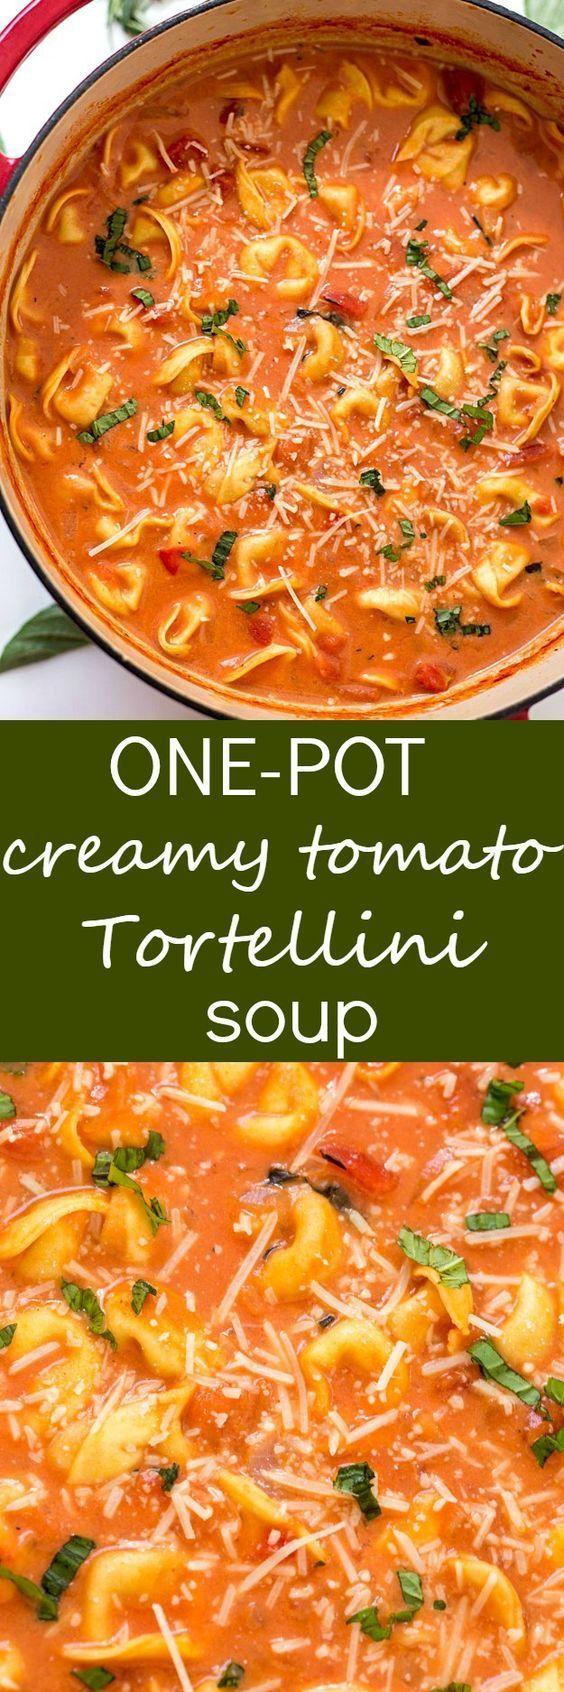 One-Pot Creamy Tomato Tortellini Soup Recipe